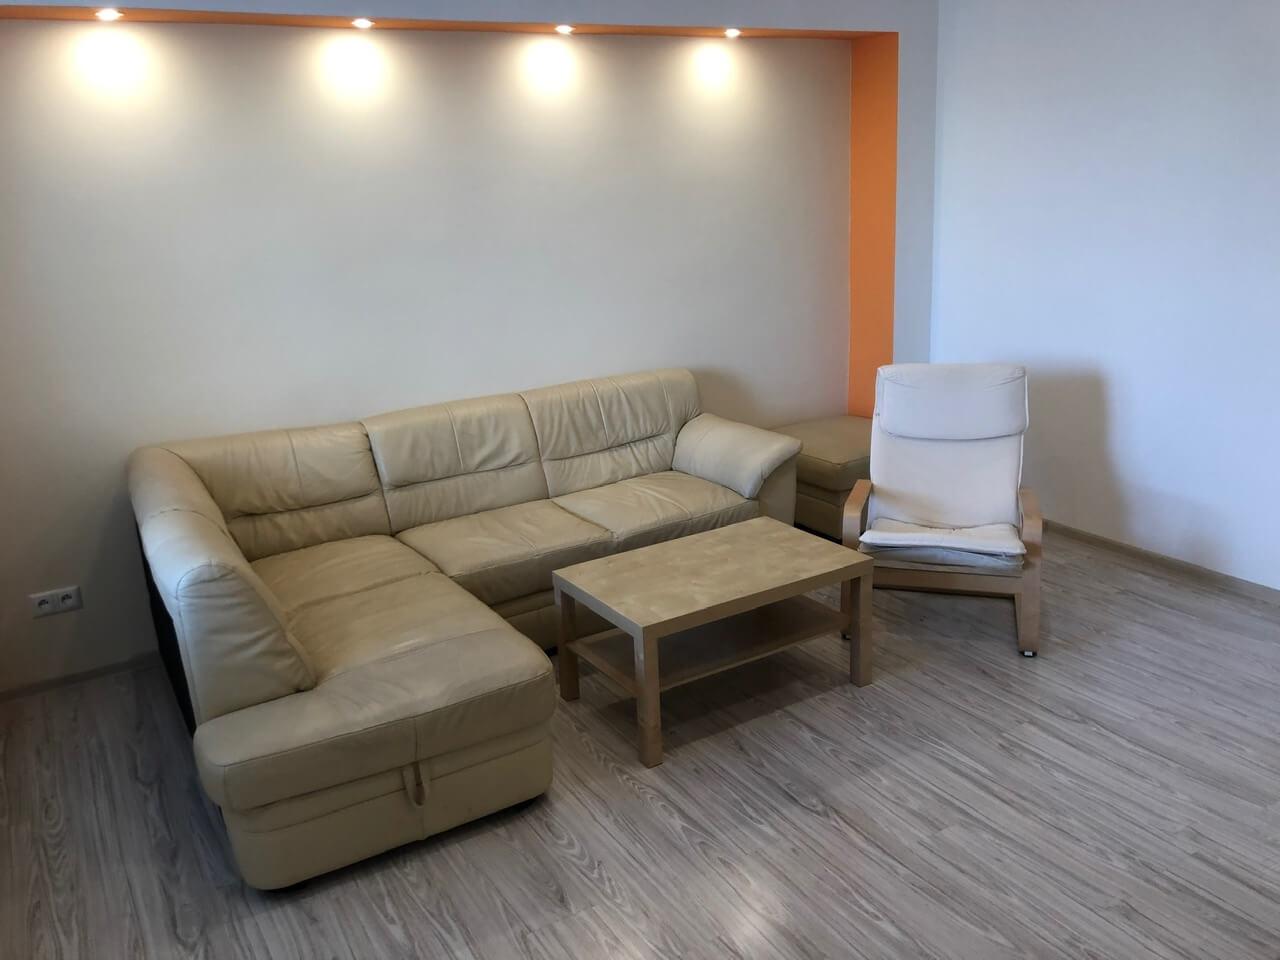 Predaný: Exkluzívne na predaj 3 izb. byt, 81,7m2, balkón 5 m2, pivnica 6m2, garáž, Dunajská Lužná, ulica Brezová-4